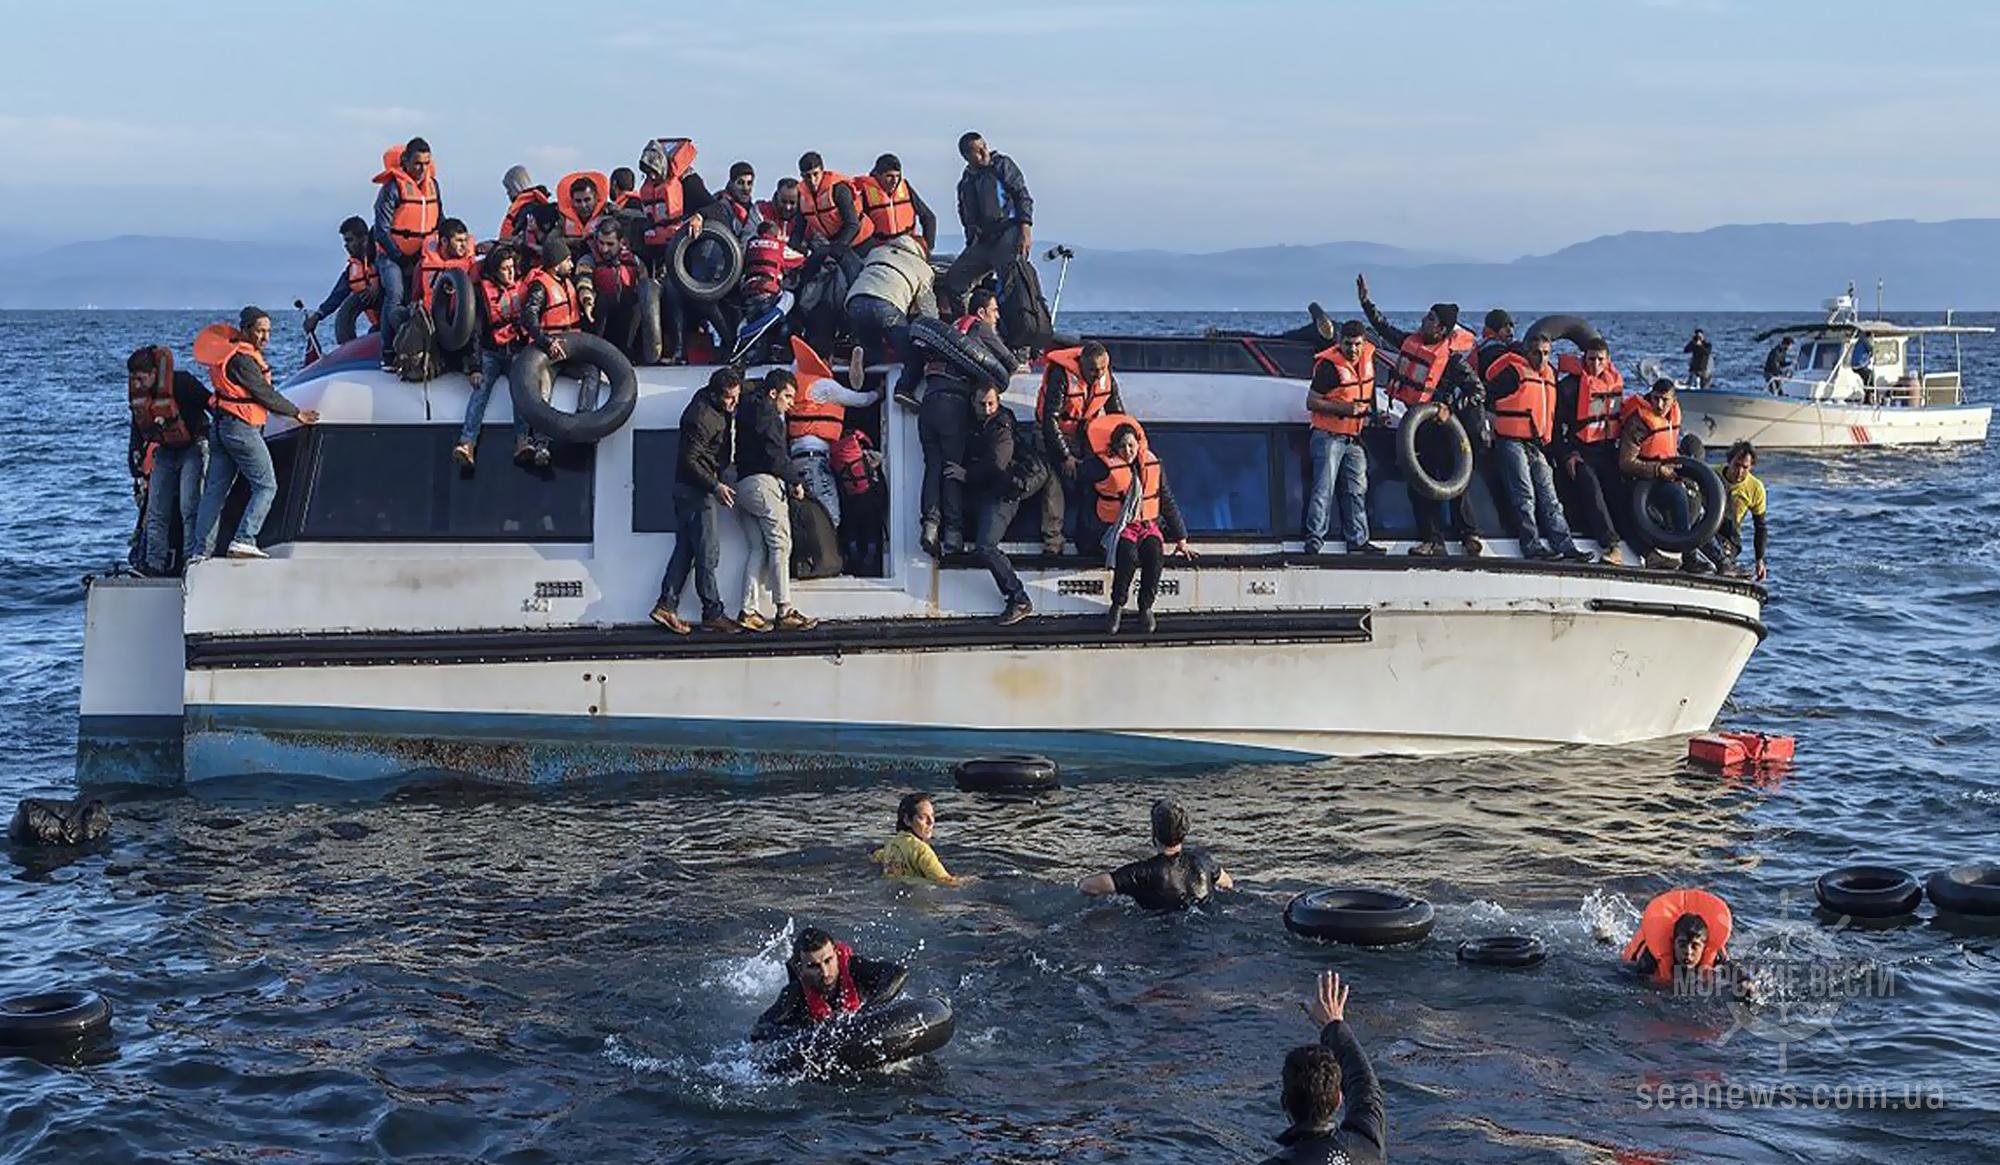 Турция закрыла морскую границу с Грецией из-за мигрантов